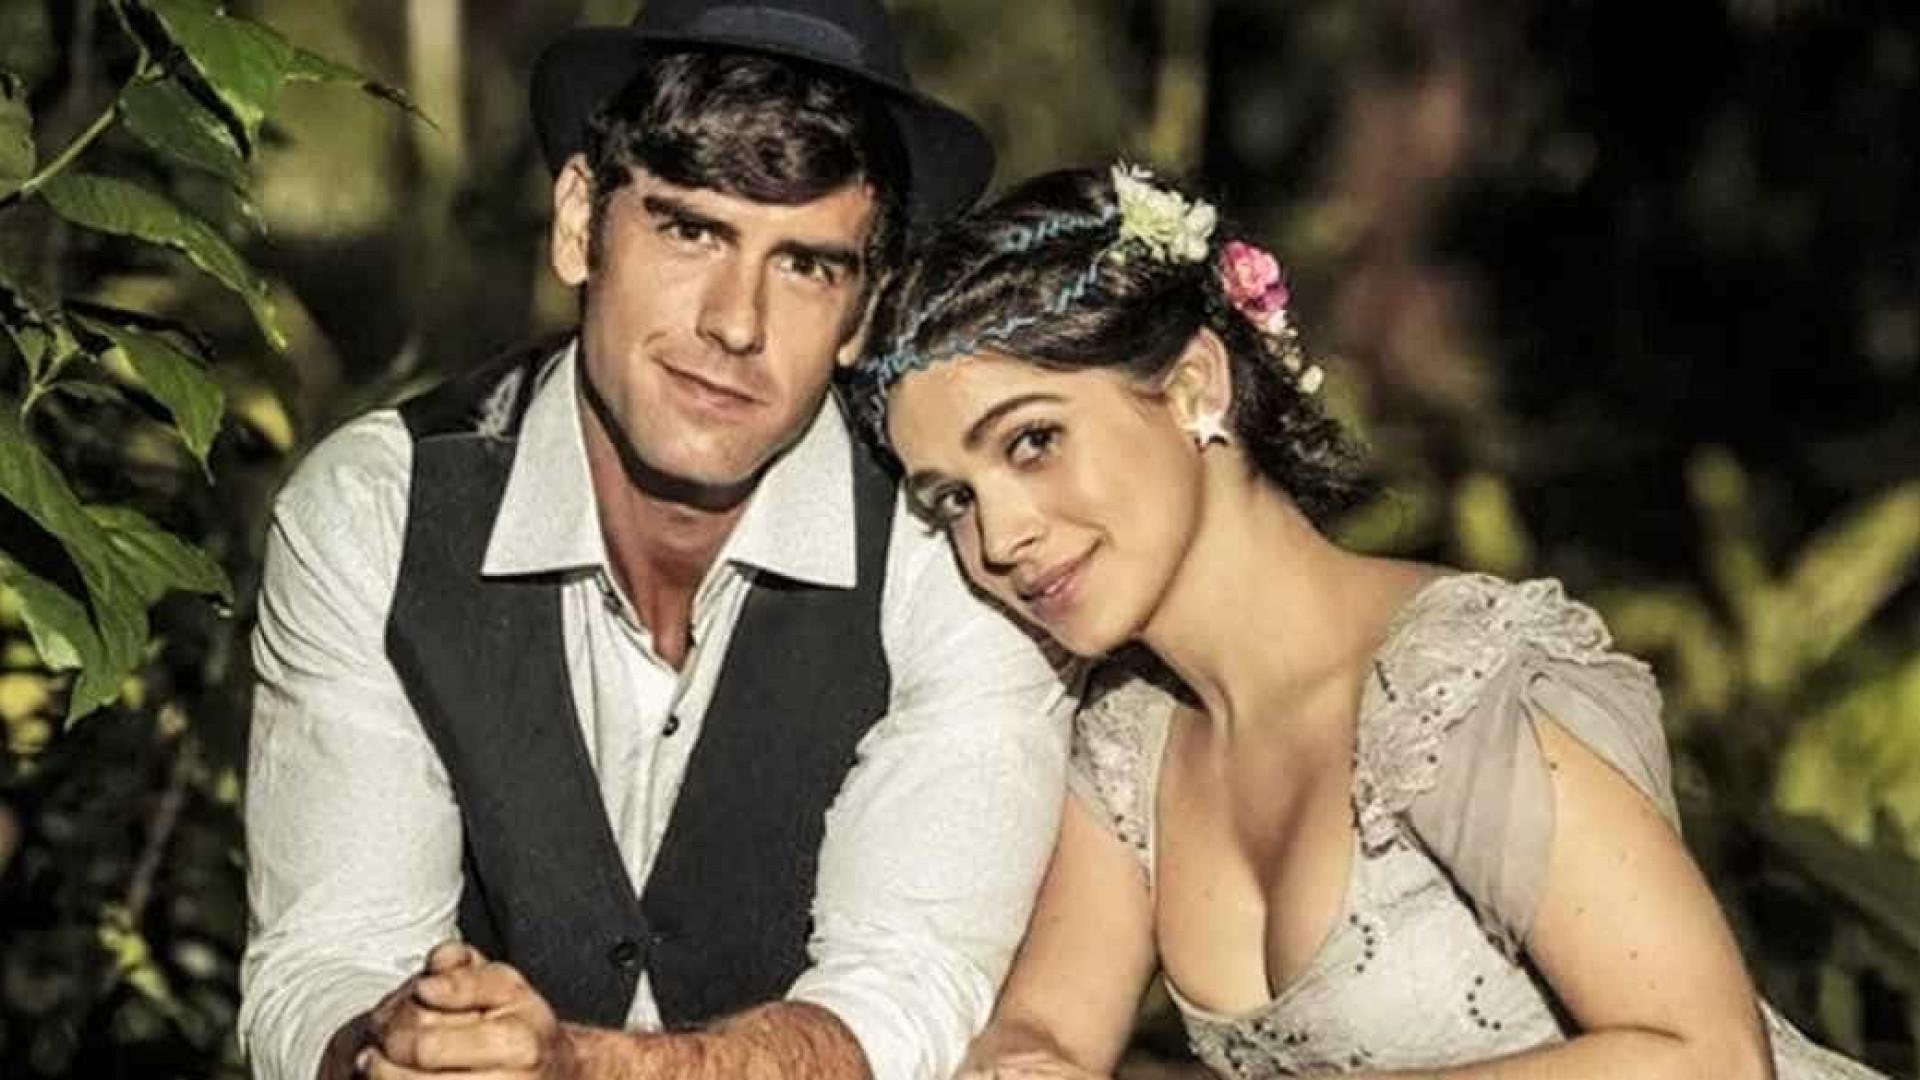 Shirlei e Felipe decidem se casar em jardim florido em 'Haja Coração'